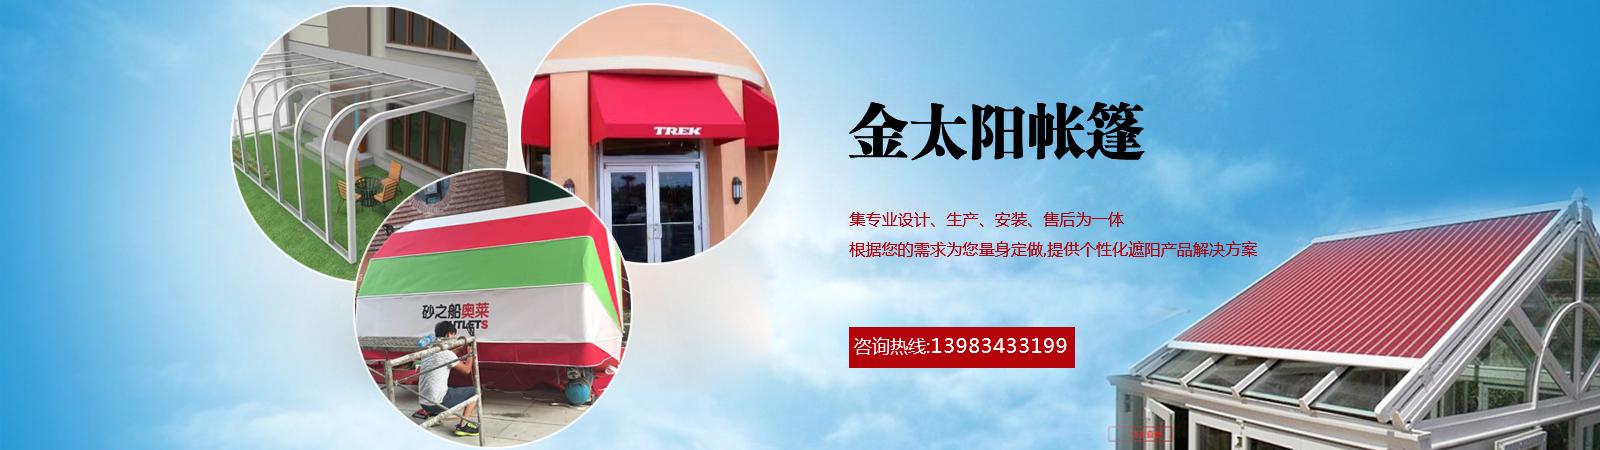 重庆法式篷,重庆露台蓬,重庆户外岗亭伞产品介绍